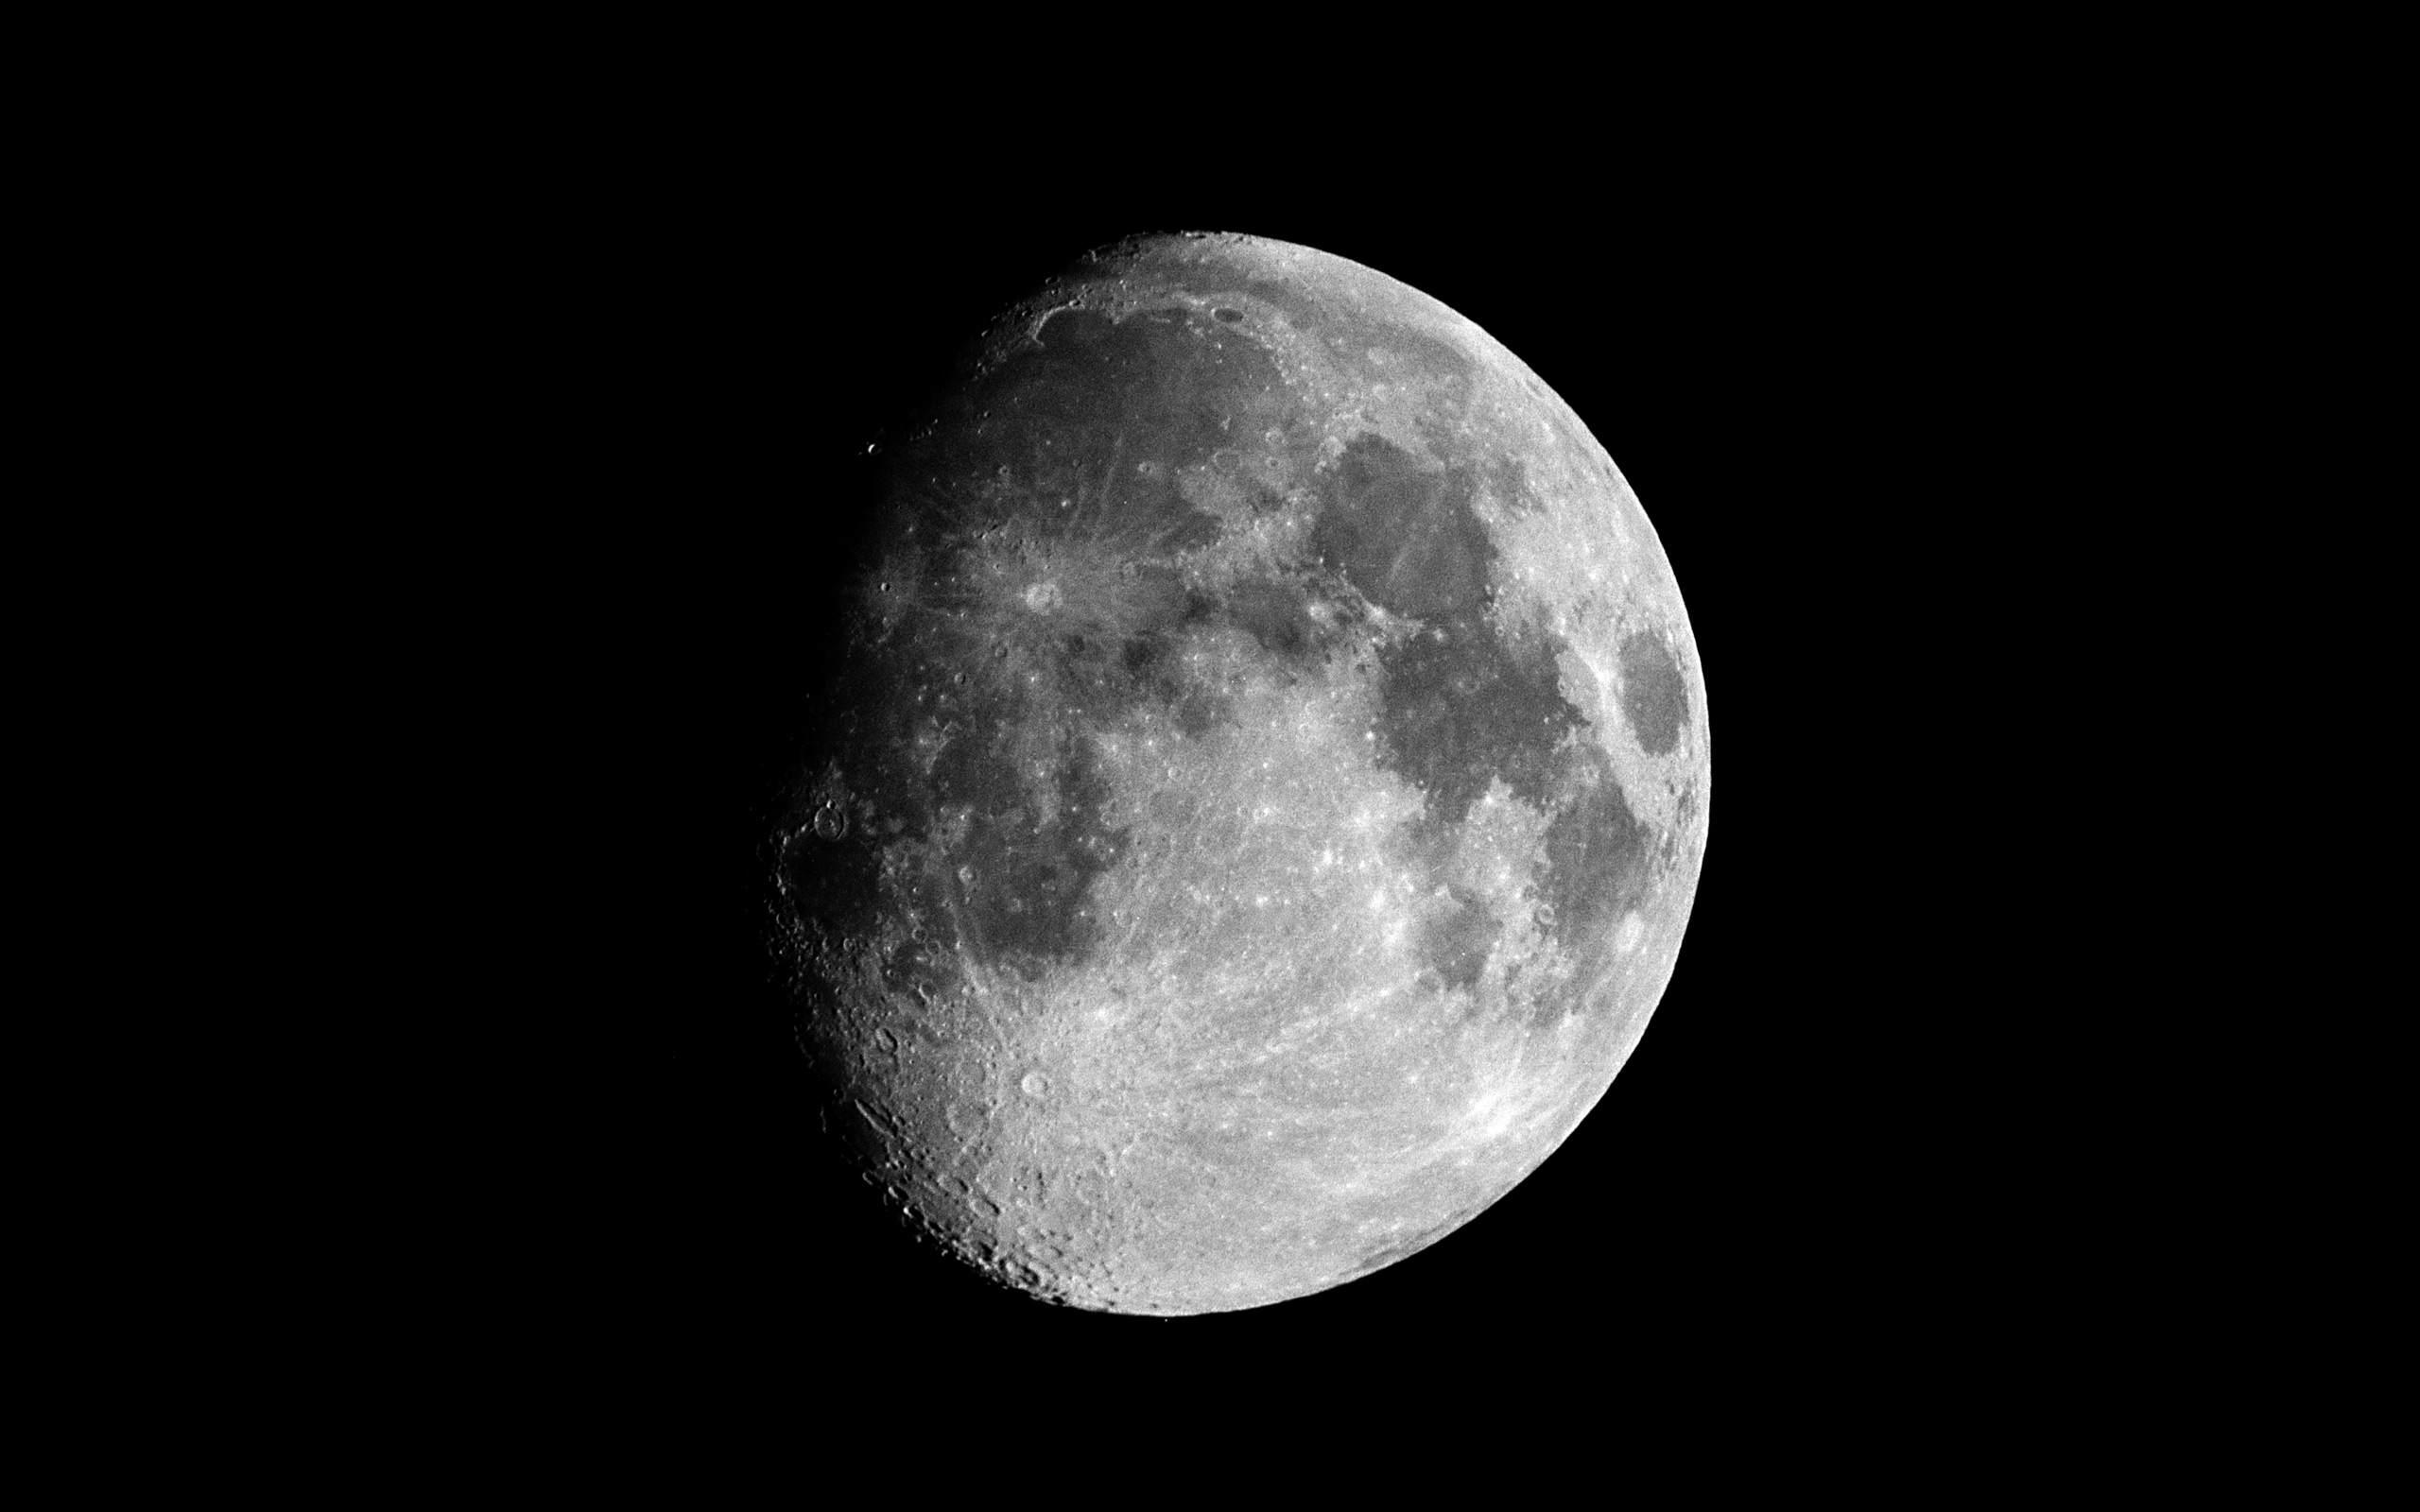 La luna en astrología